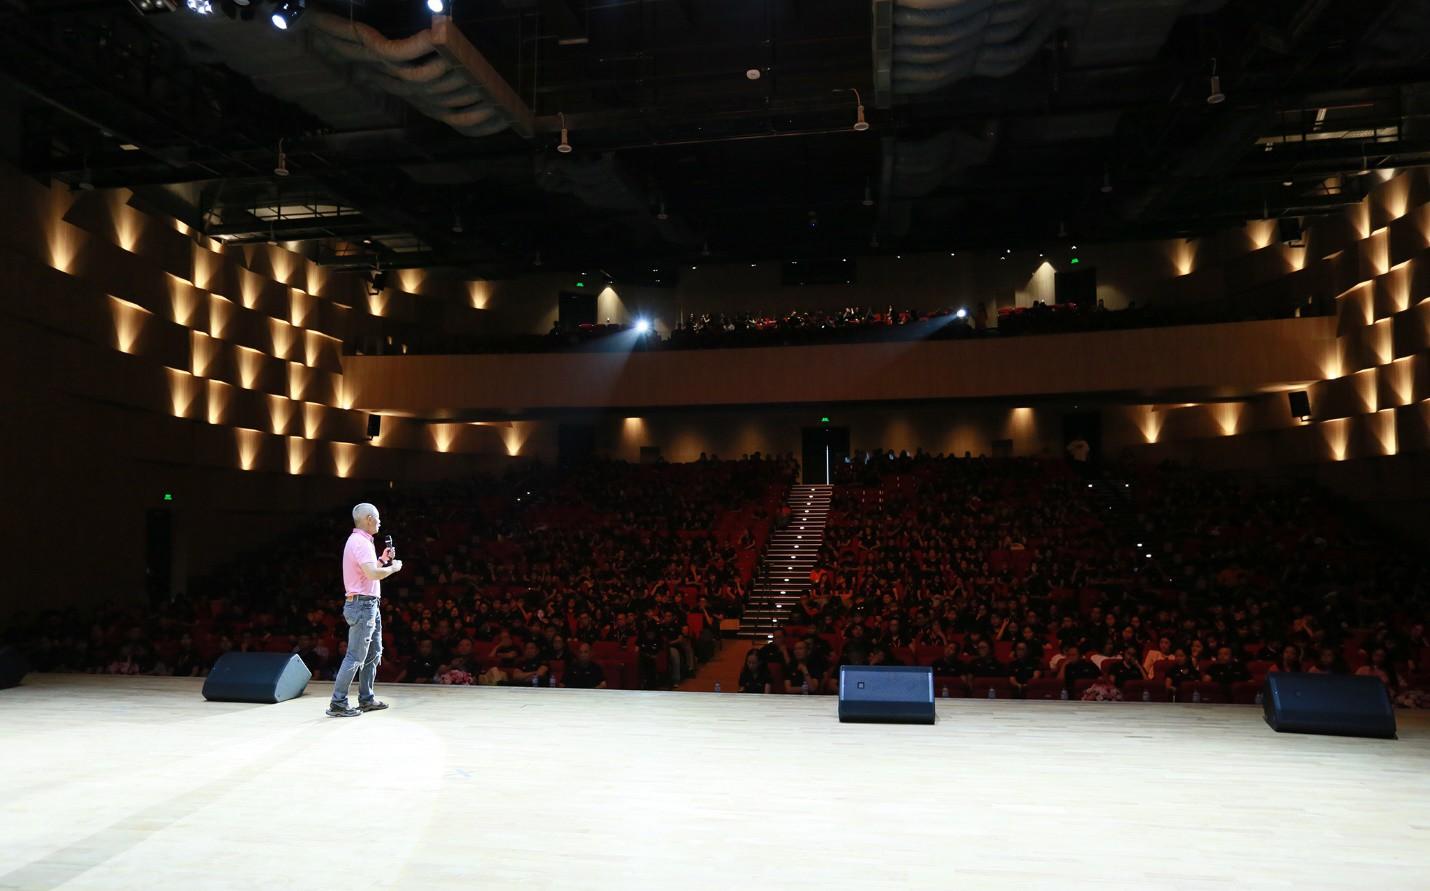 Diễn đàn VanLang Presidential Forum 2019: Giáo sư Trương Nguyện Thành truyền cảm hứng cho sinh viên - Ảnh 1.